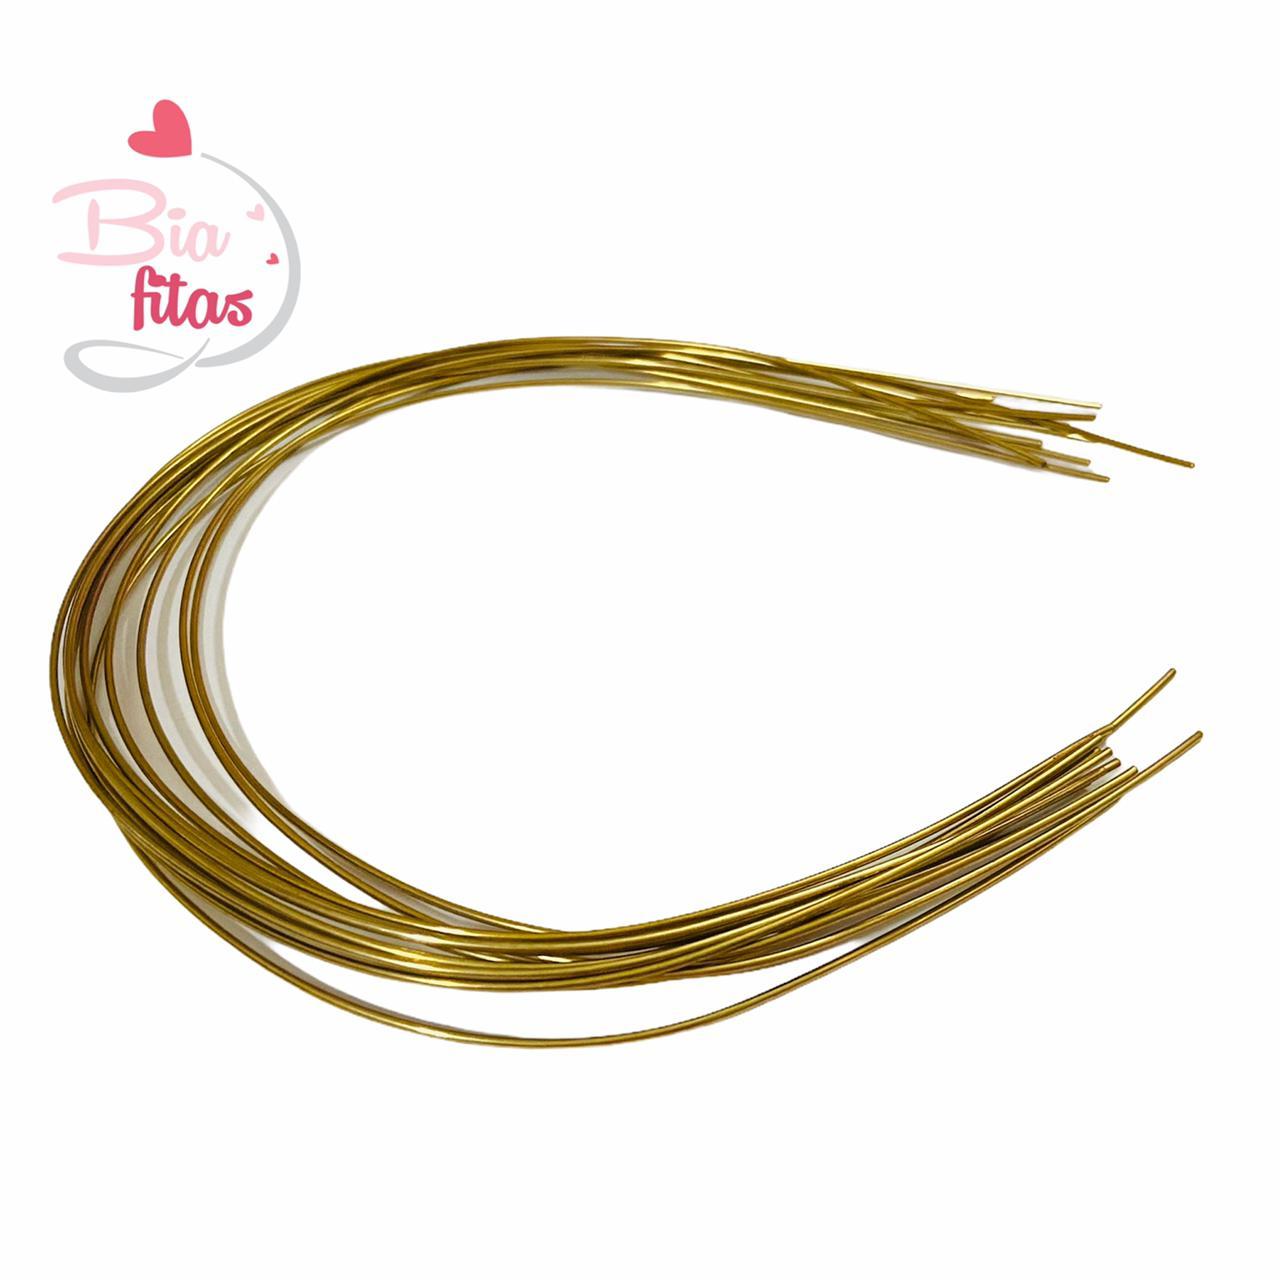 Tiara Cobre de Ferro Para Tubo de strass (10 unidades)